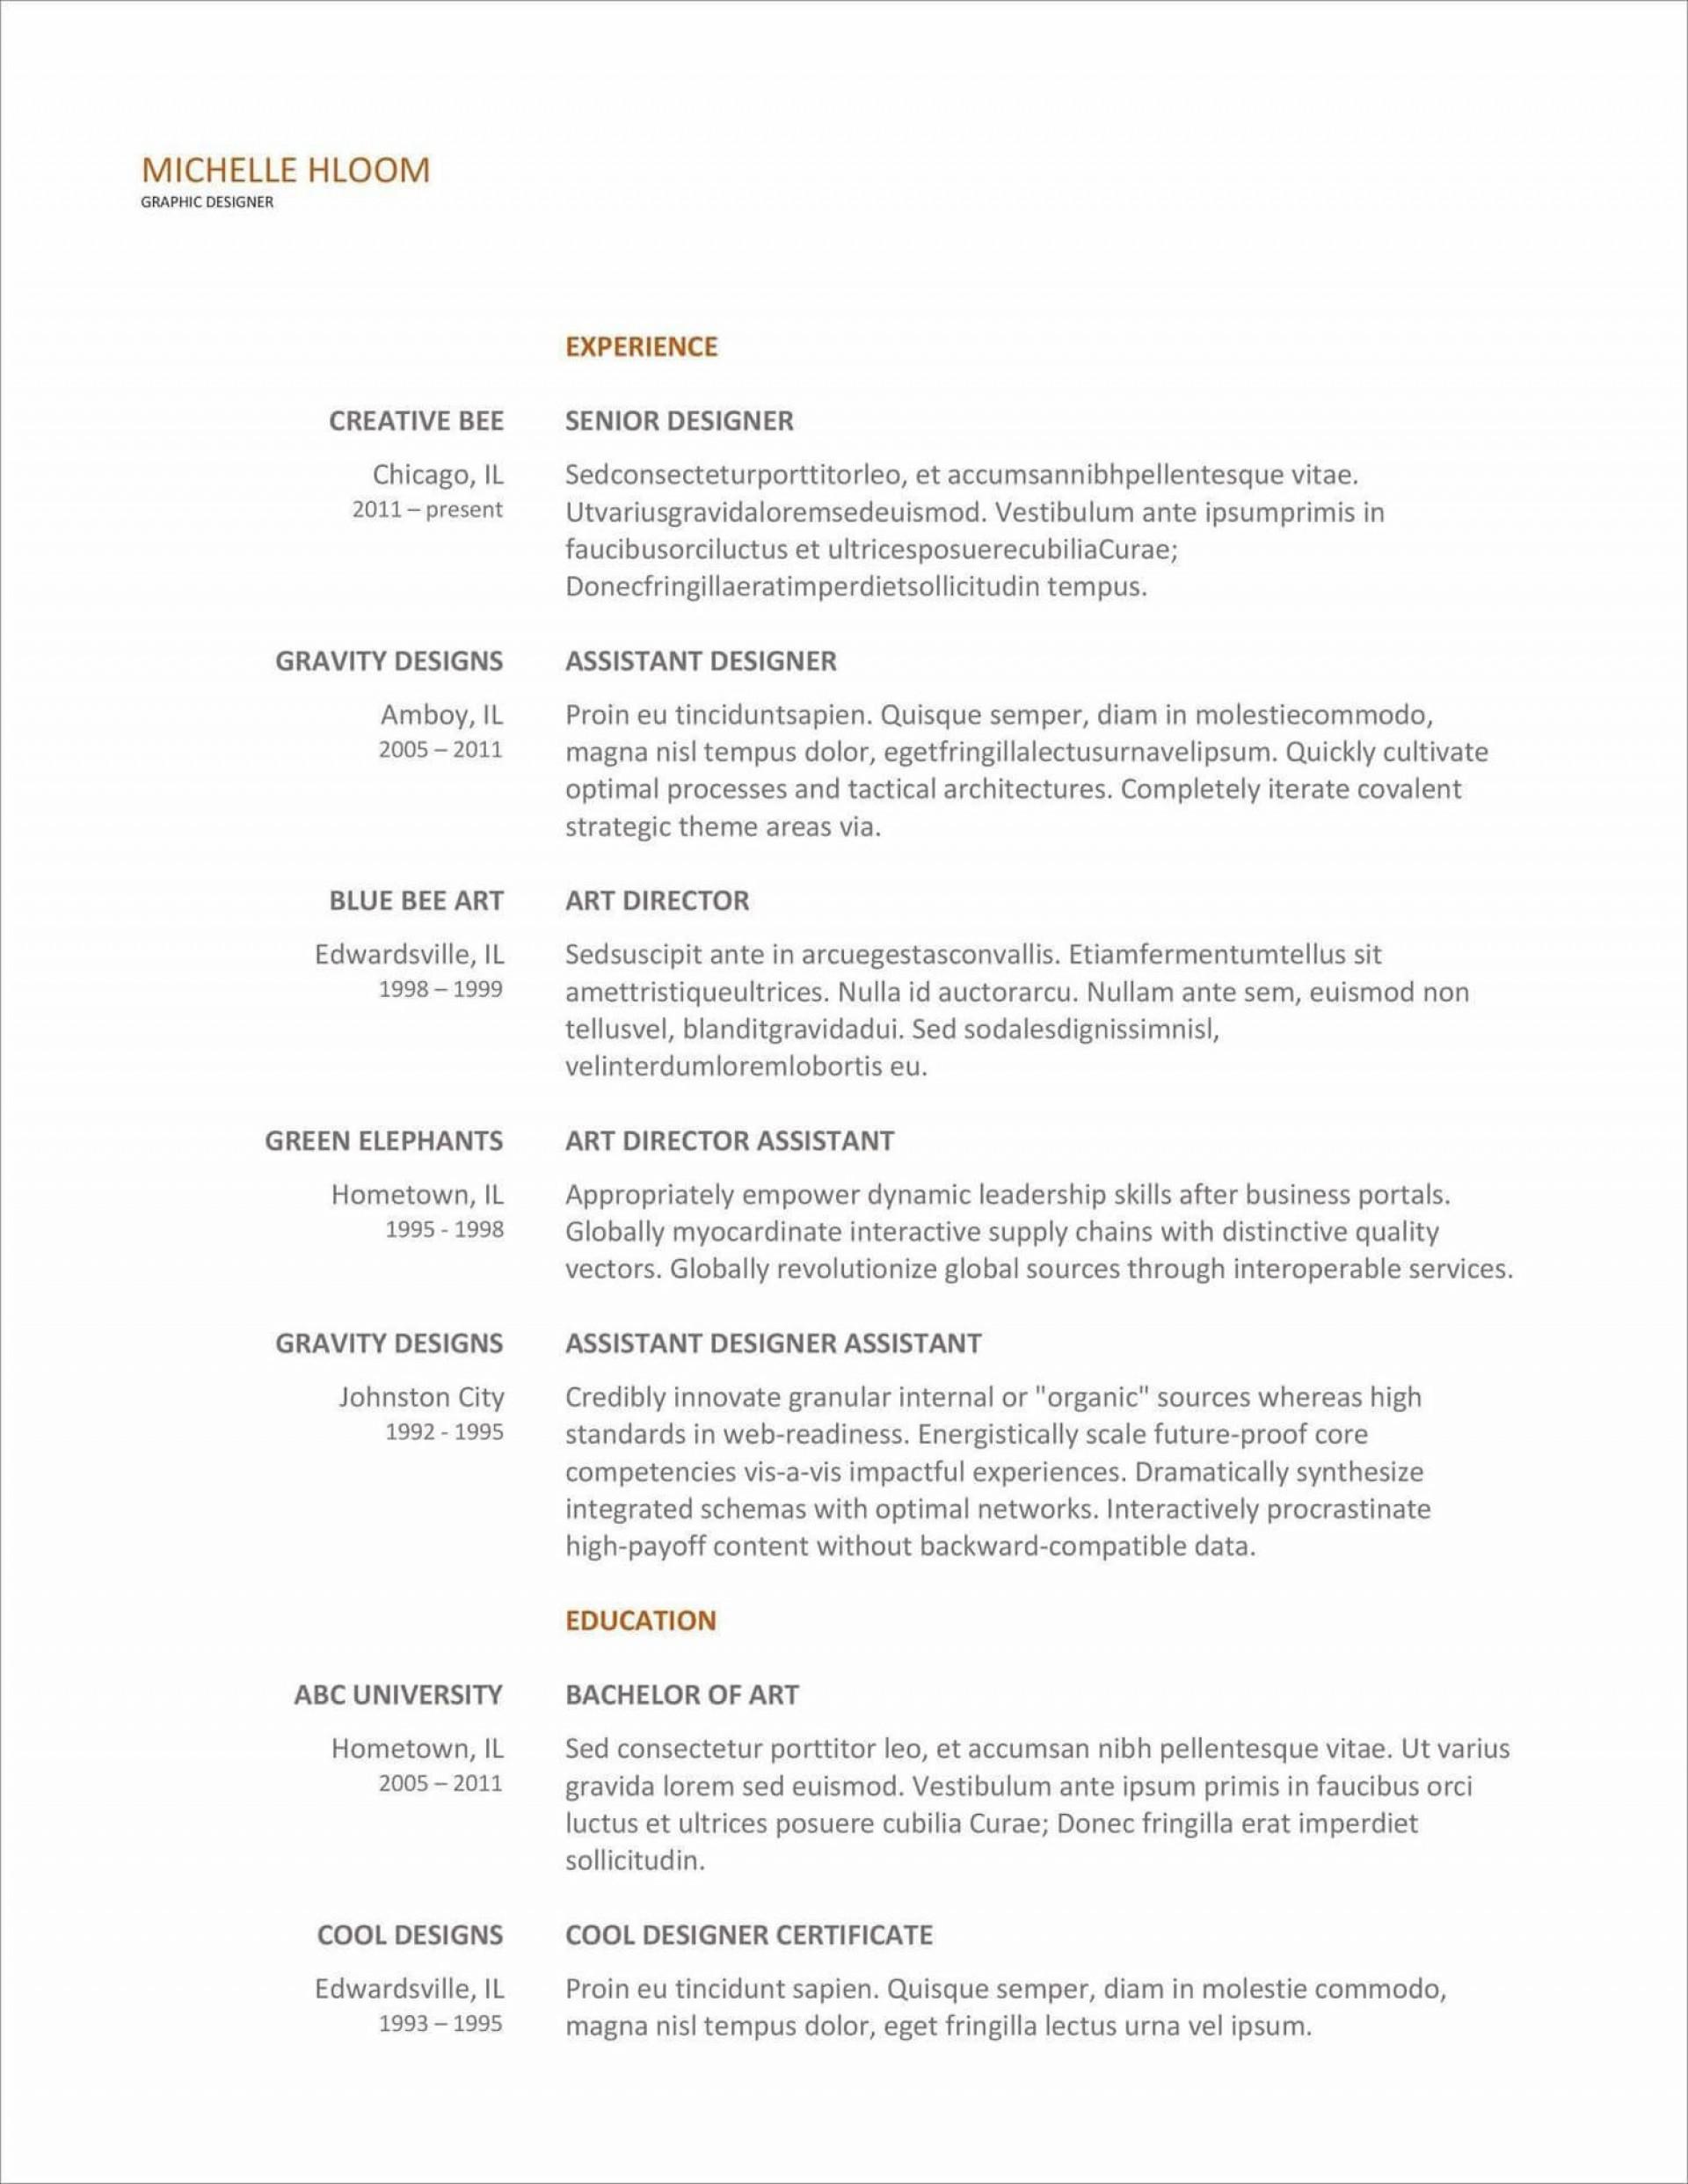 007 Simple Free Printable Resume Template Australia Sample 1920